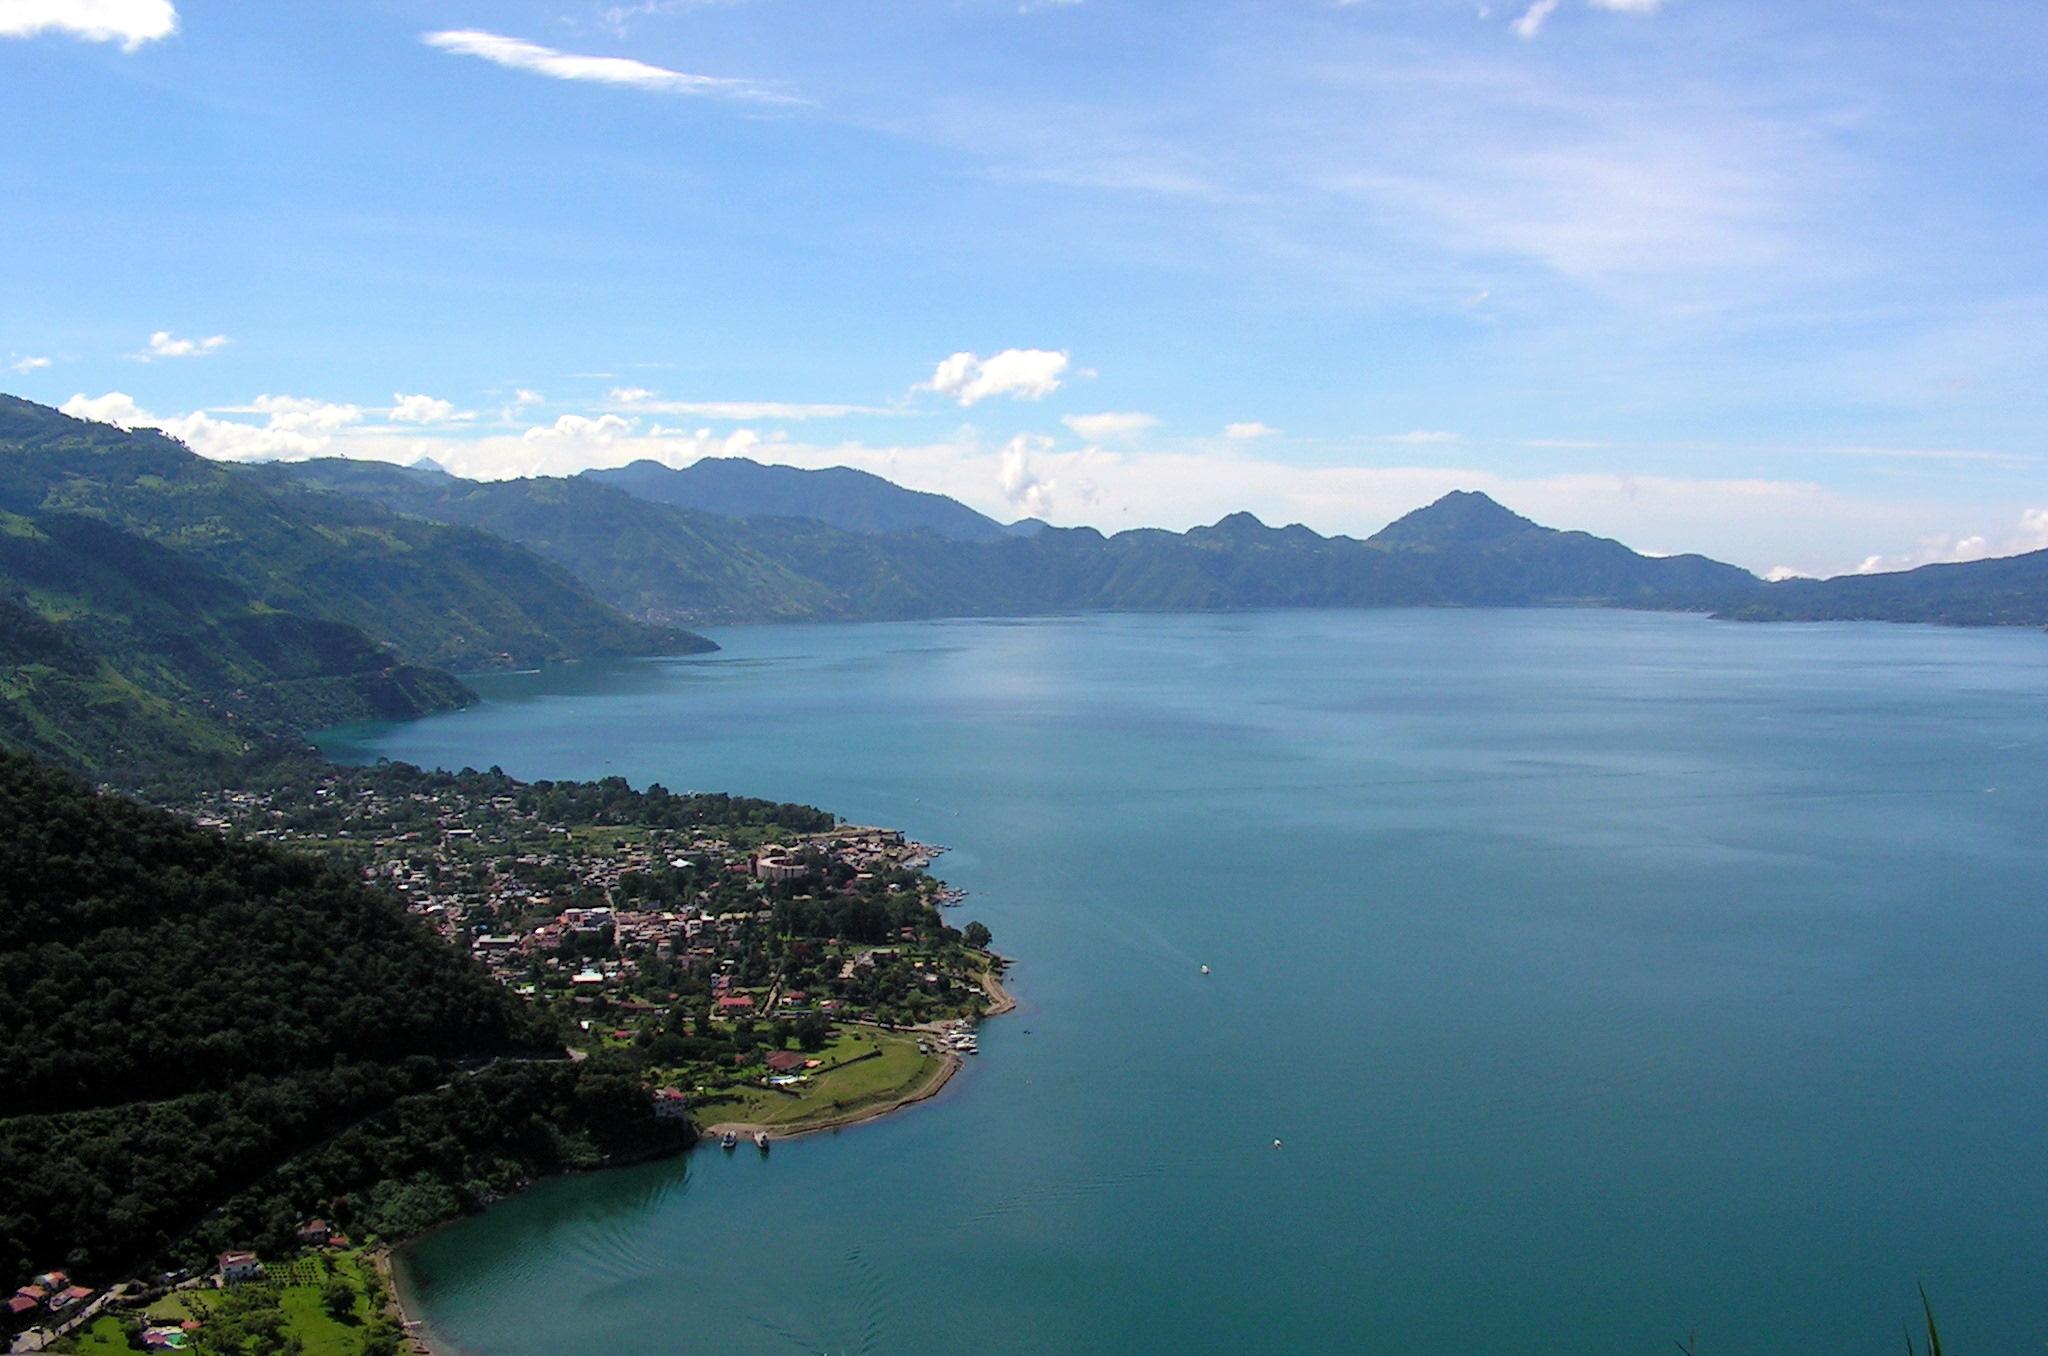 la ville de Panajachel, sur les rives du lac Atitlan Photo :  la ville de Panajachel, sur les rives du lac Atitlan (source : wikipedia.org)